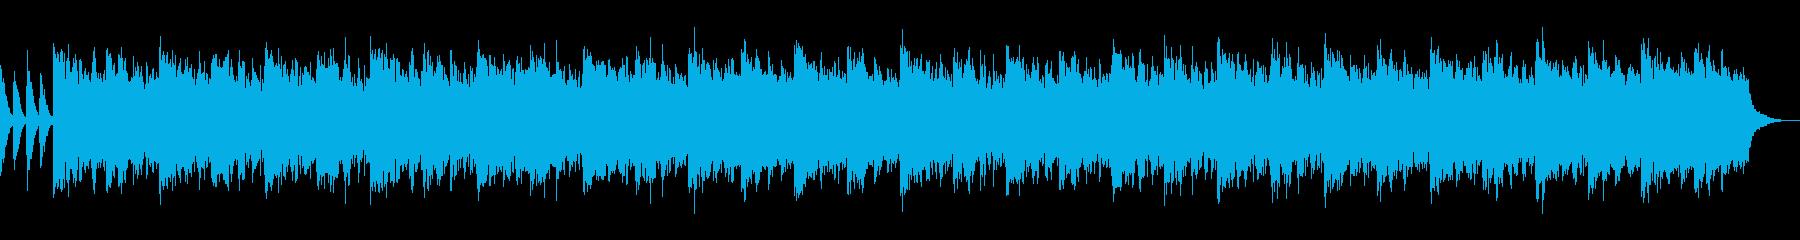 心身をほぐす音楽でウォーミングアップの再生済みの波形